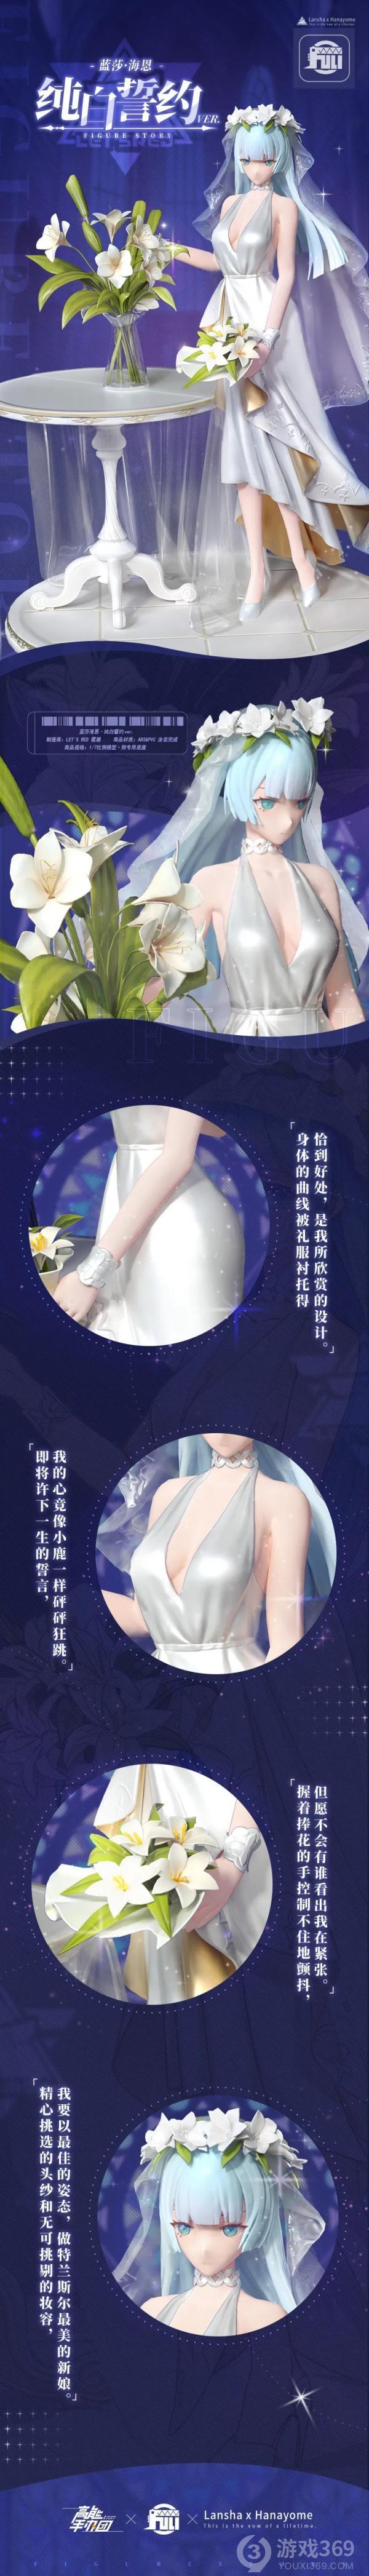 《高能手办团》蓝沙·海恩新皮肤「纯白誓约」花嫁上线